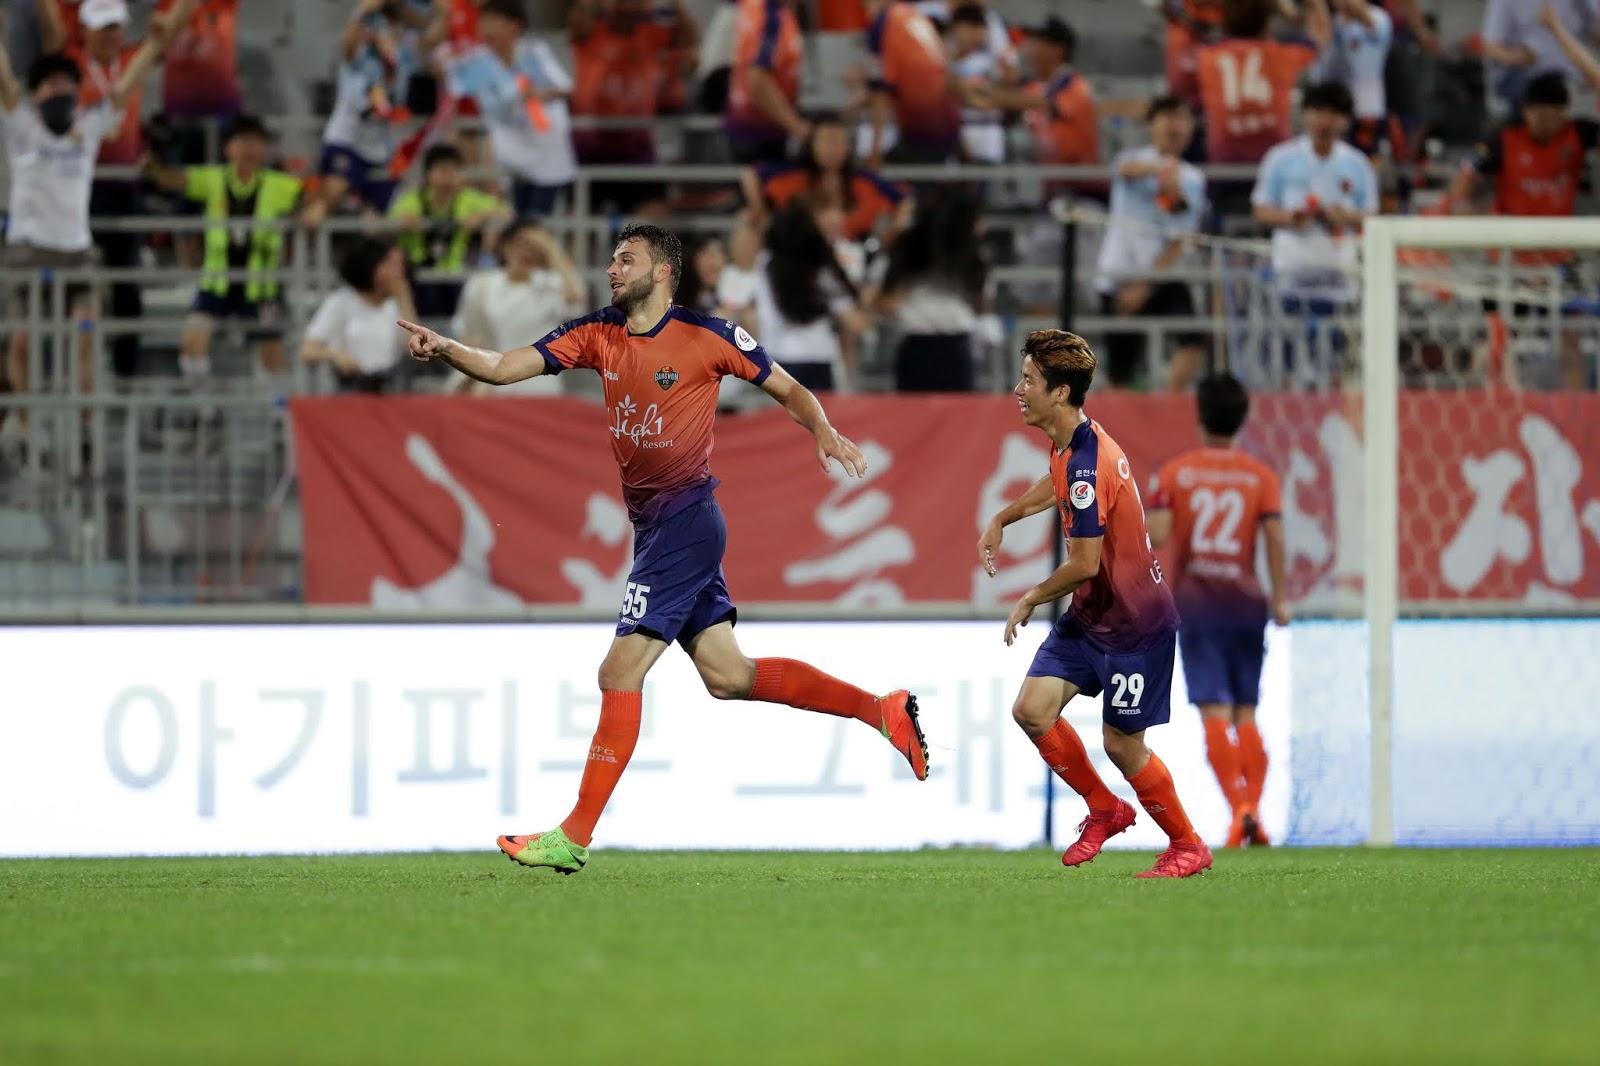 K League 1 Preview: Gangwon FC vs Jeju United